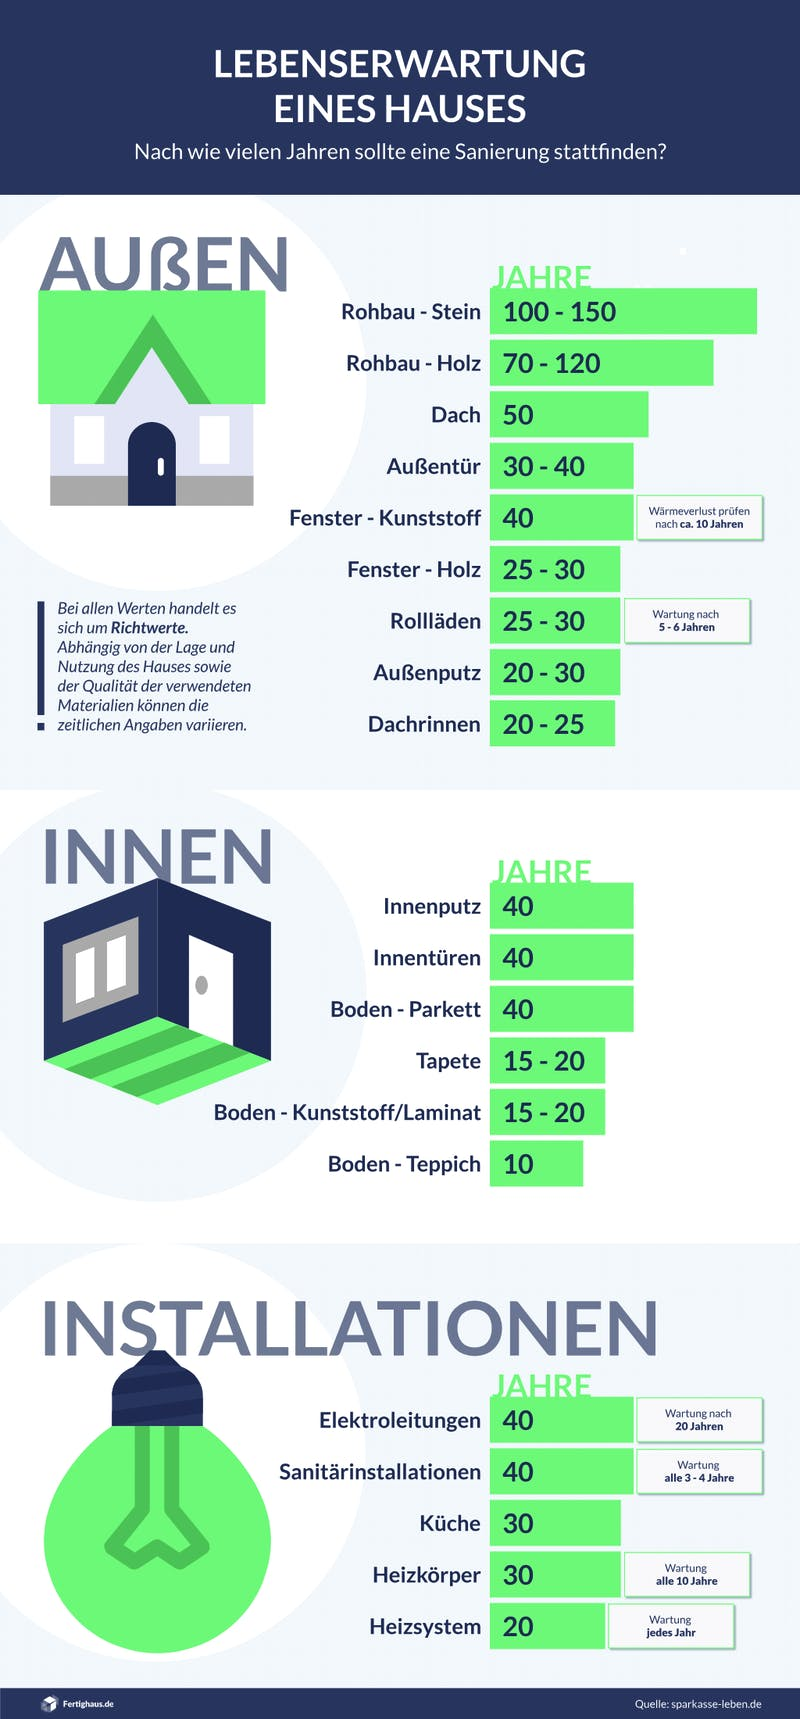 Infografik: Wann sollten Teile eines Hauses saniert werden?